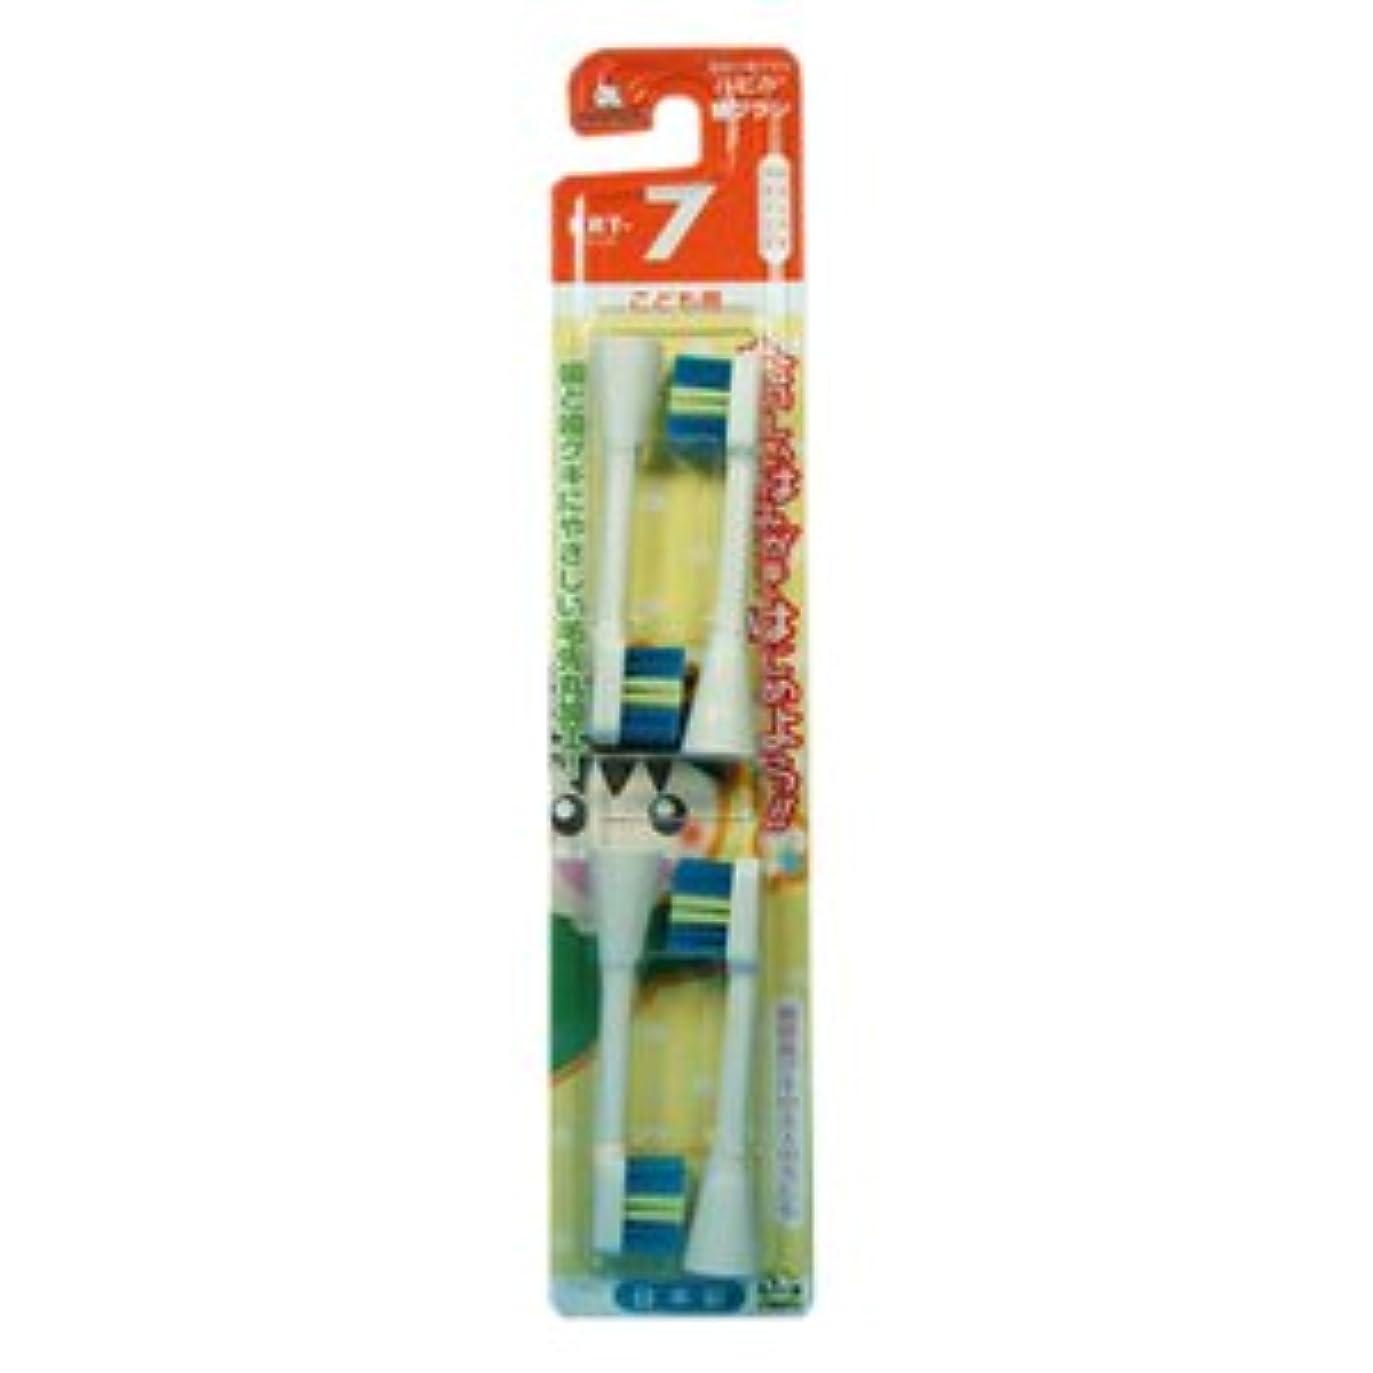 簡潔な小さな怒りミニマム 電動付歯ブラシ ハピカ 専用替ブラシ こども用 毛の硬さ:やわらかめ BRT-7 4個入